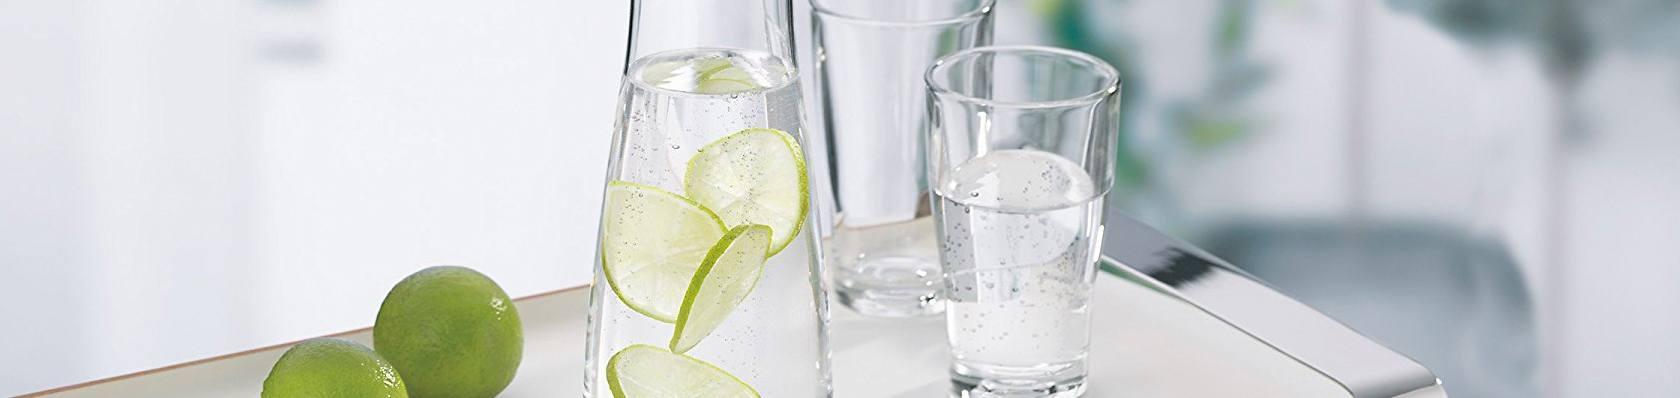 Wasserkaraffen im Test auf ExpertenTesten.de